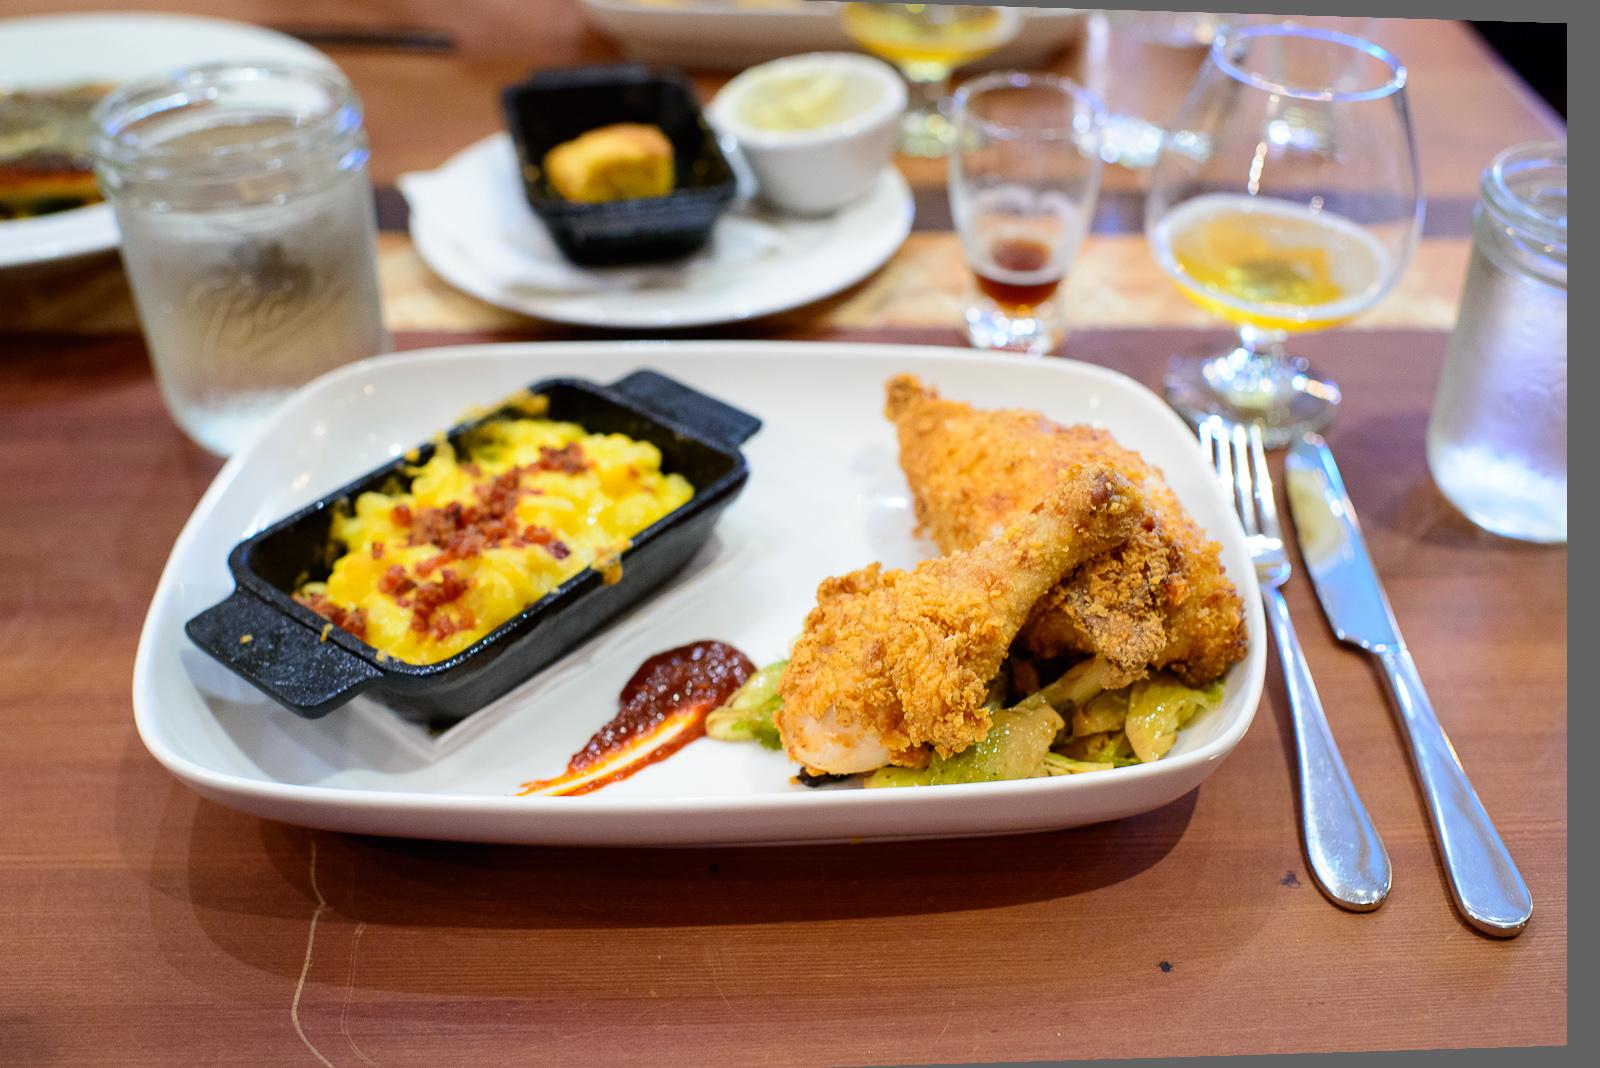 Buttermilk battered chicken - Mary's free-range organic chicken,